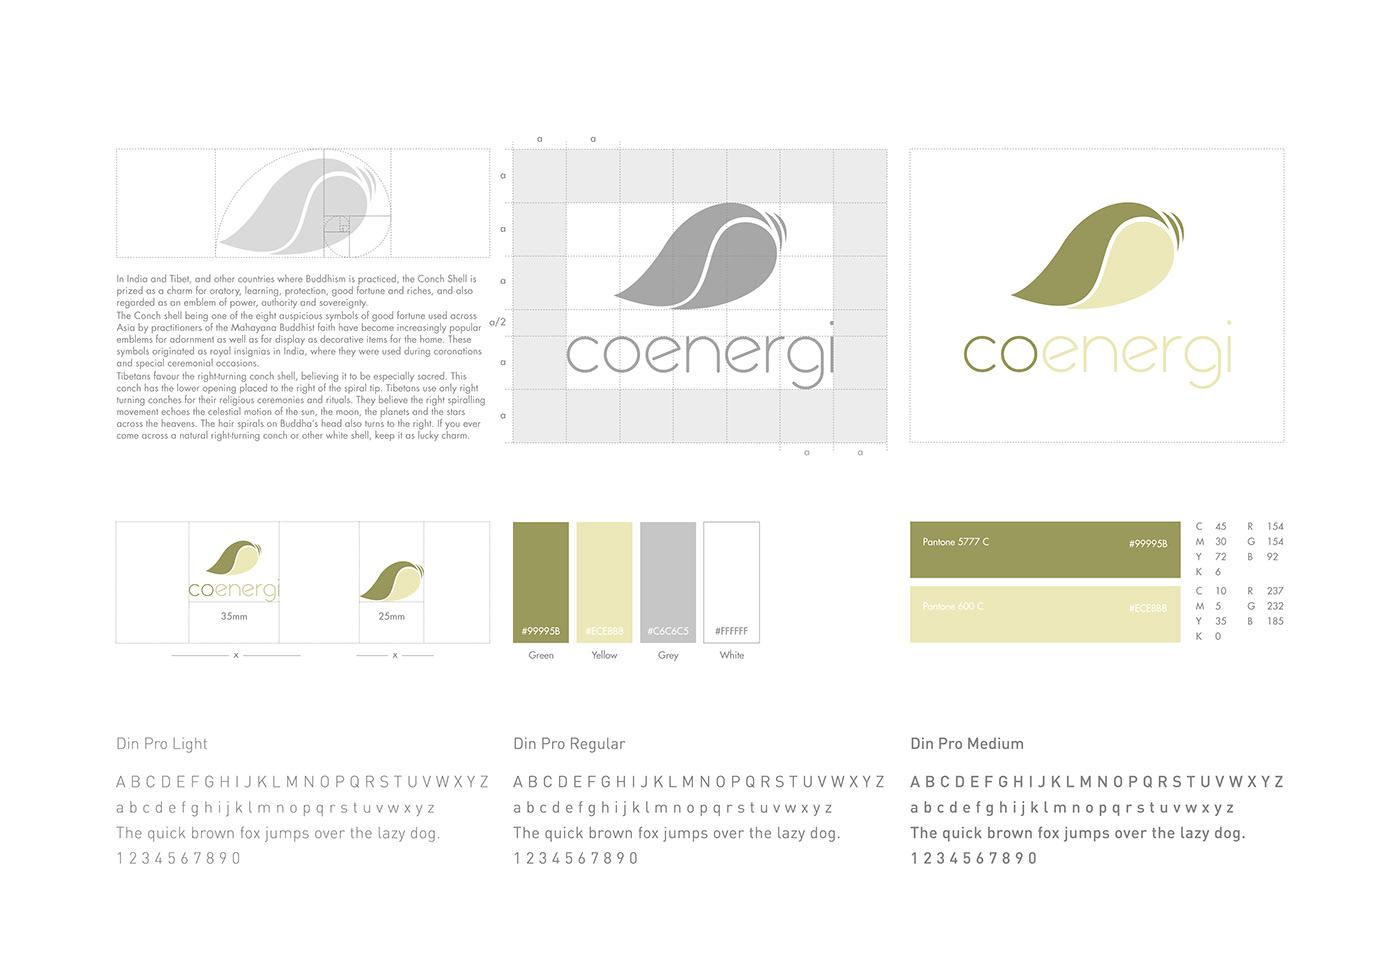 co-energi branding  colombo Sri lanka Graphic Designer coenergi